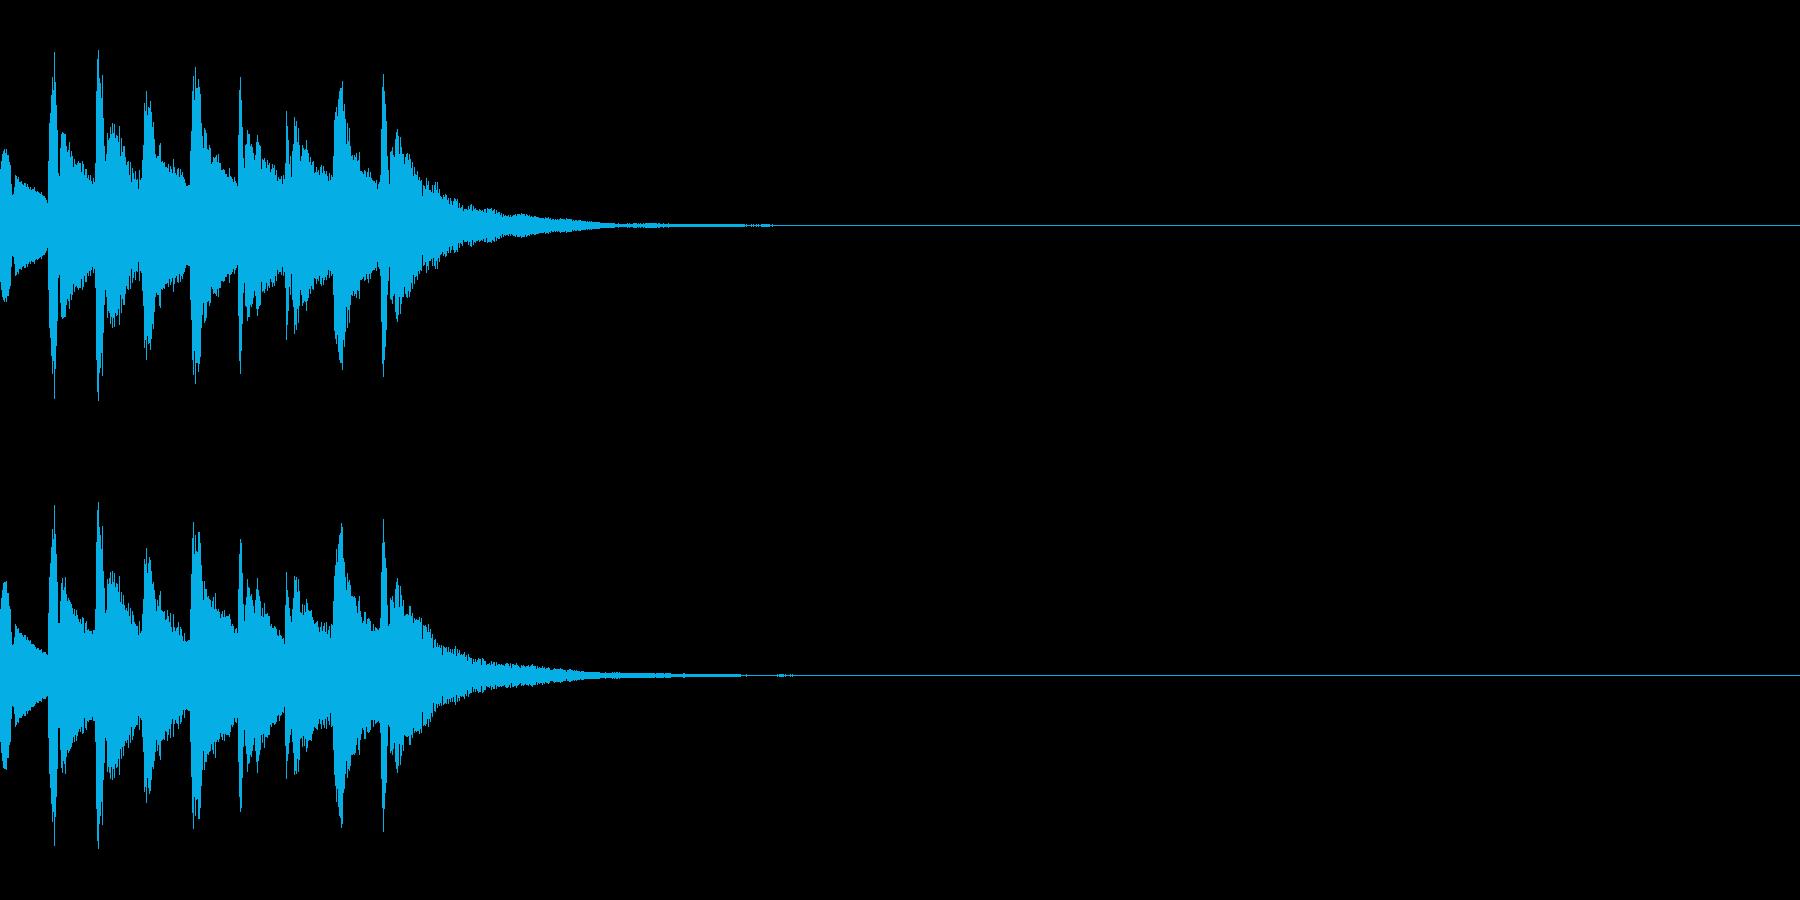 注意喚起を促す効果音・ドミソドミソドミソの再生済みの波形